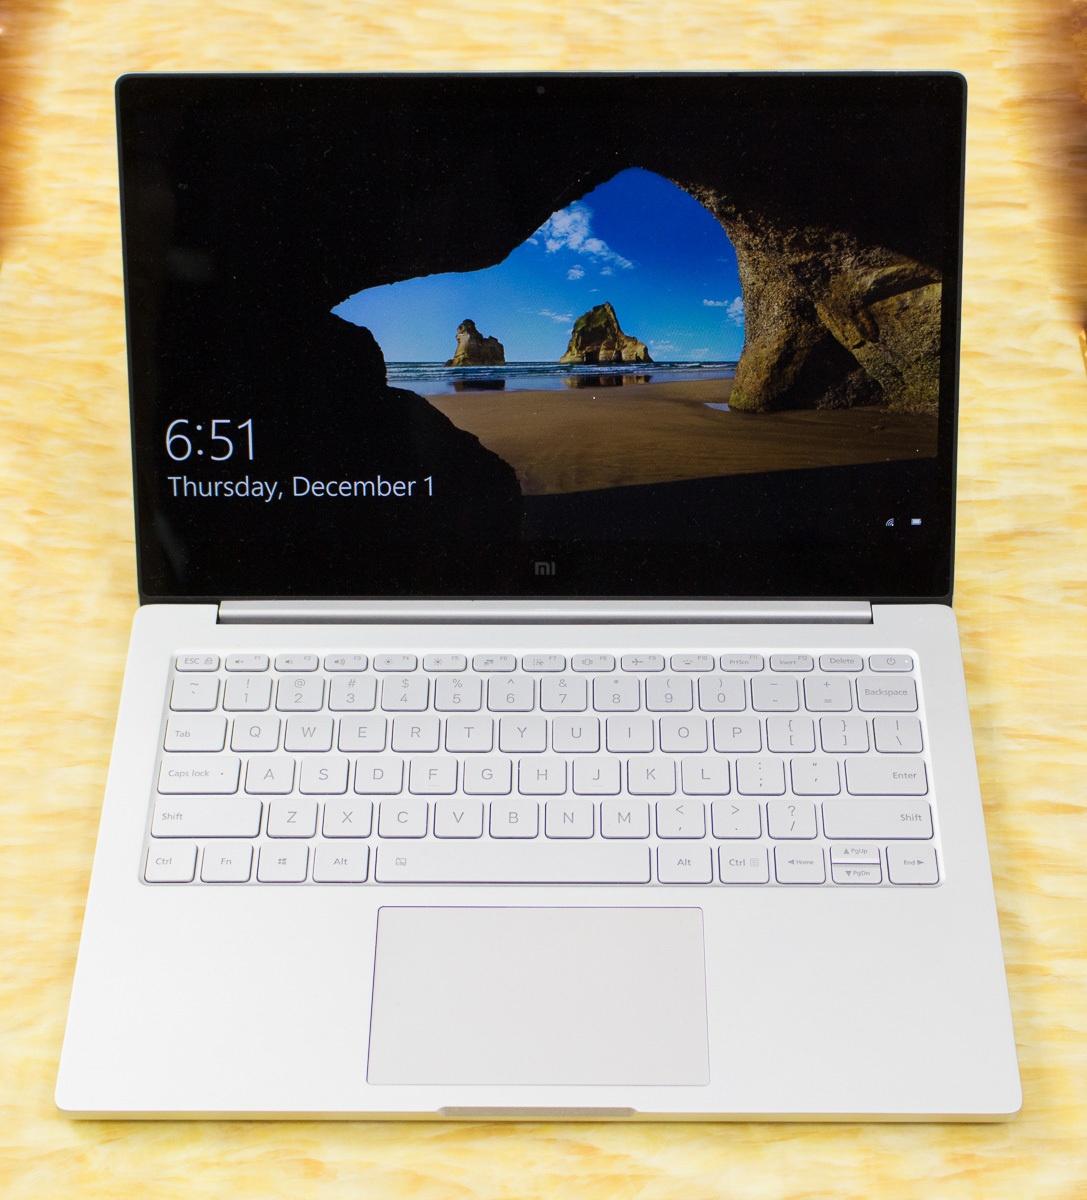 Xiaomi Mi Air 13 Laptop — еще один отличный китайский ноутбук, совершенно непохожий на Macbook - 2